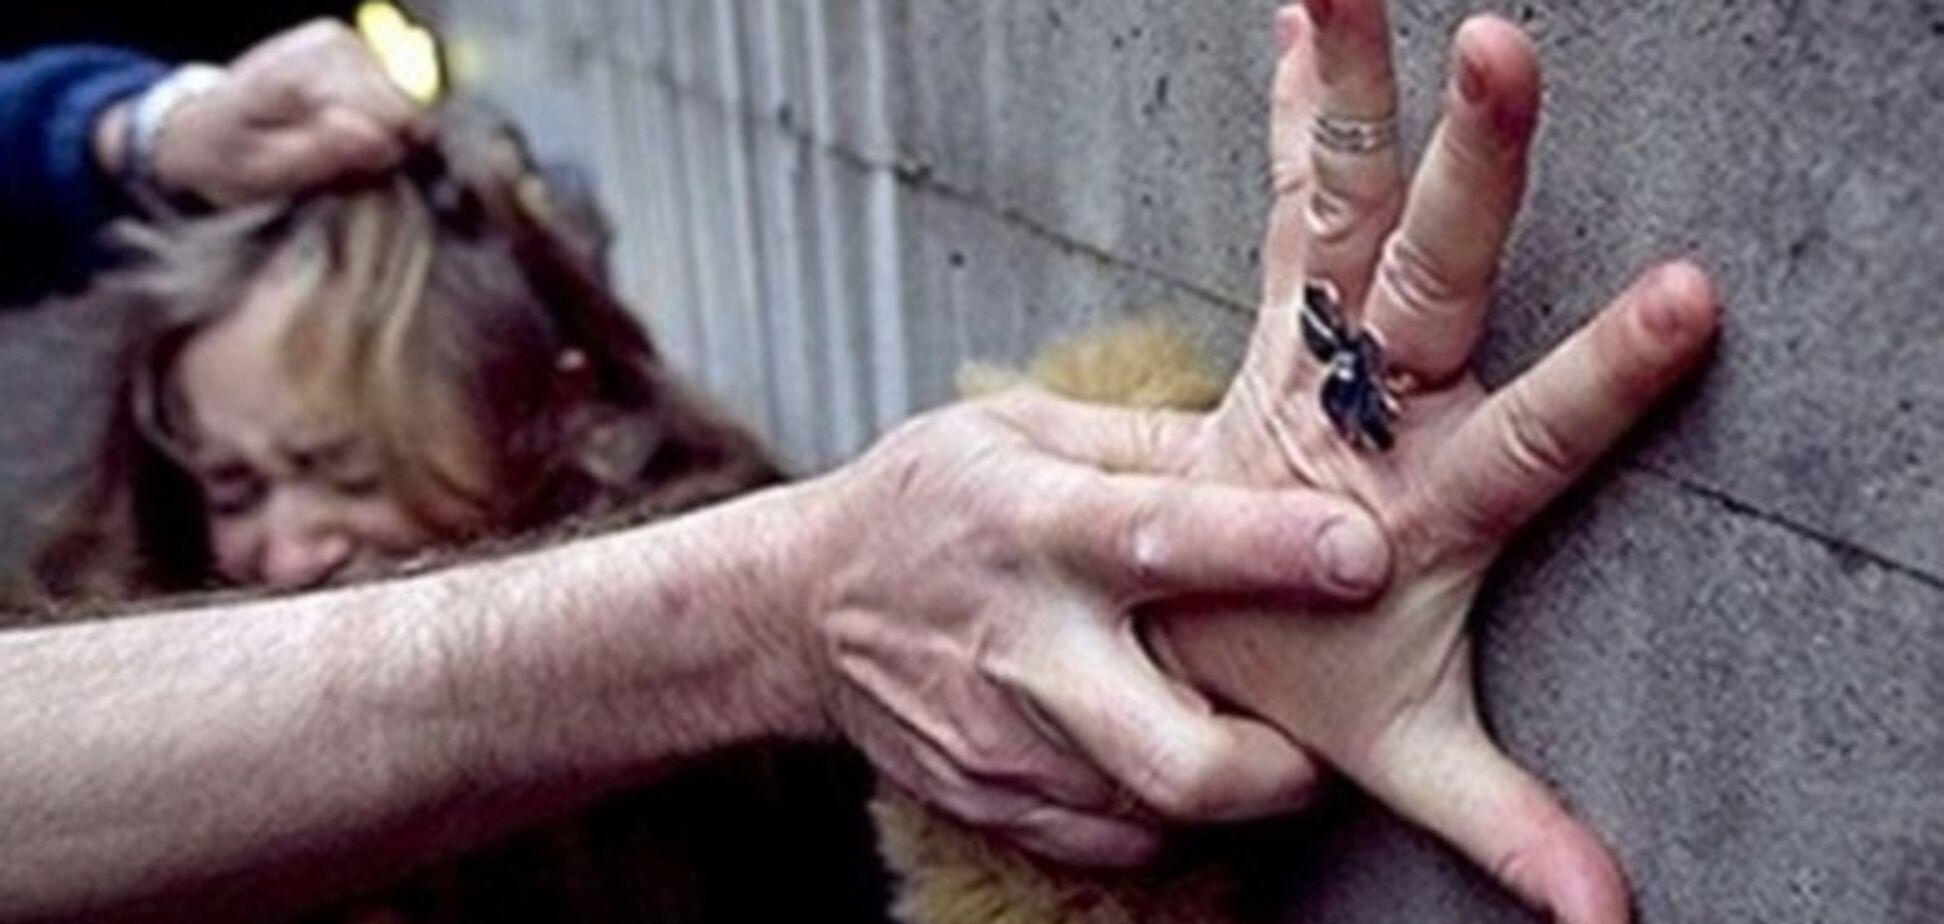 Хотів згвалтувати: в Дніпрі чоловік напав на дівчинку